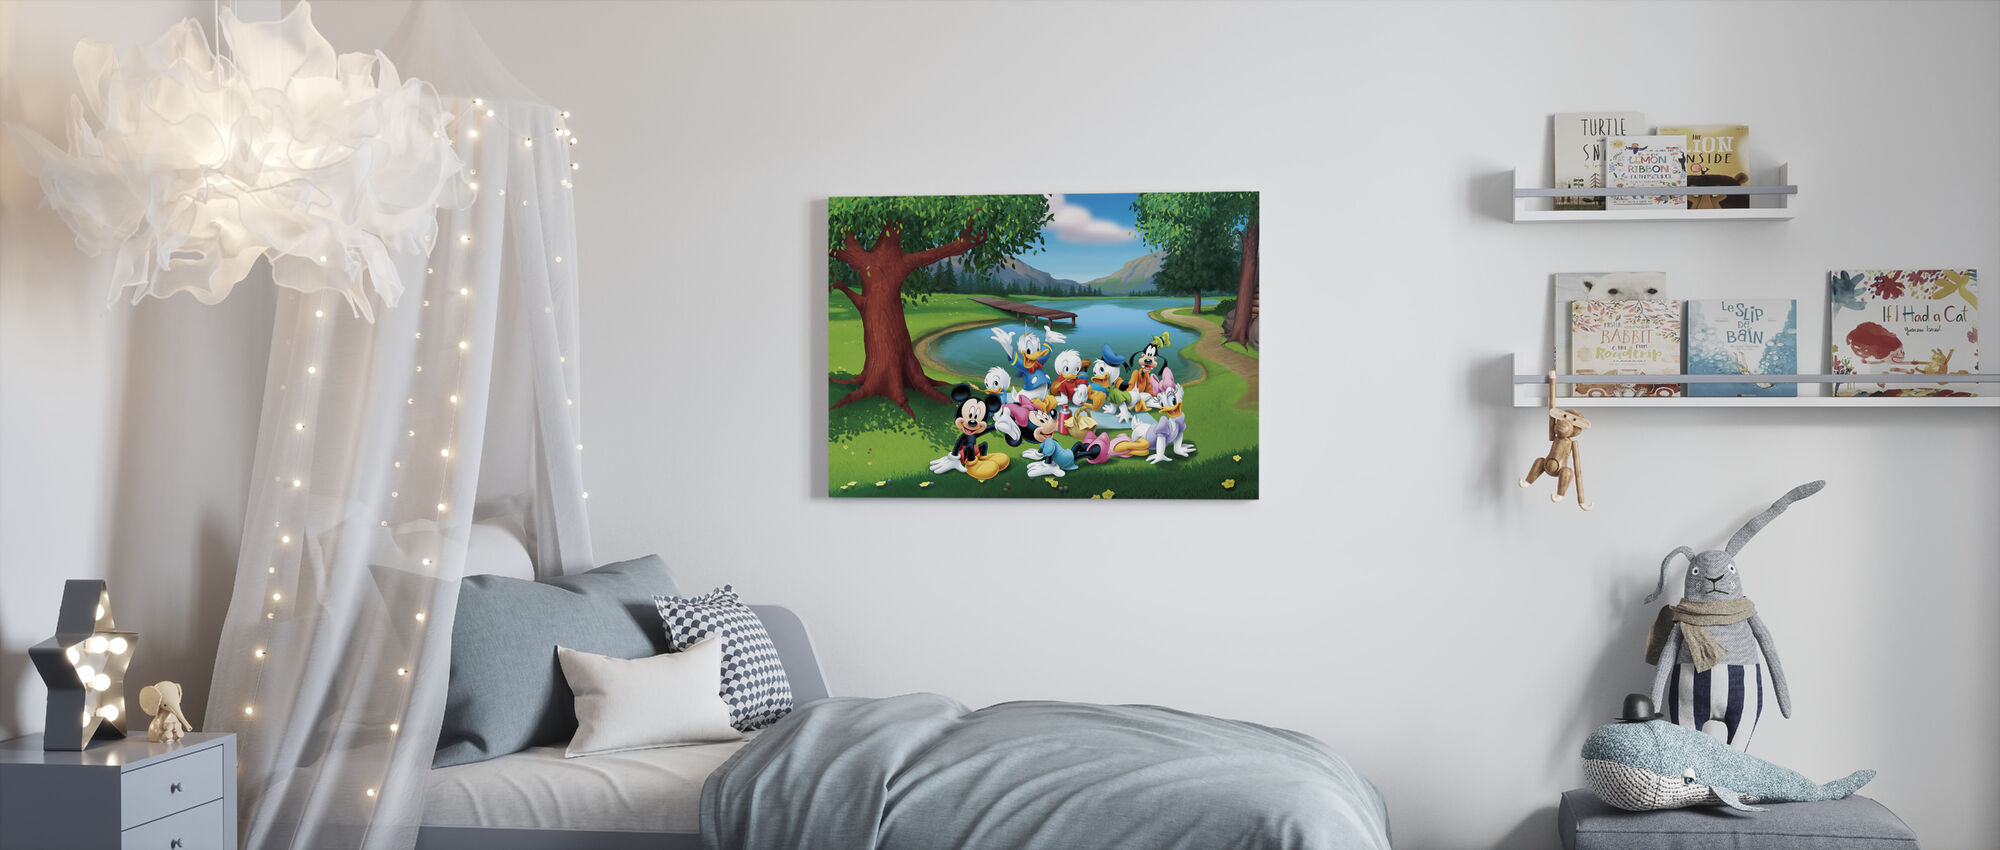 Mikki ja ystävät - Park - Canvastaulu - Lastenhuone